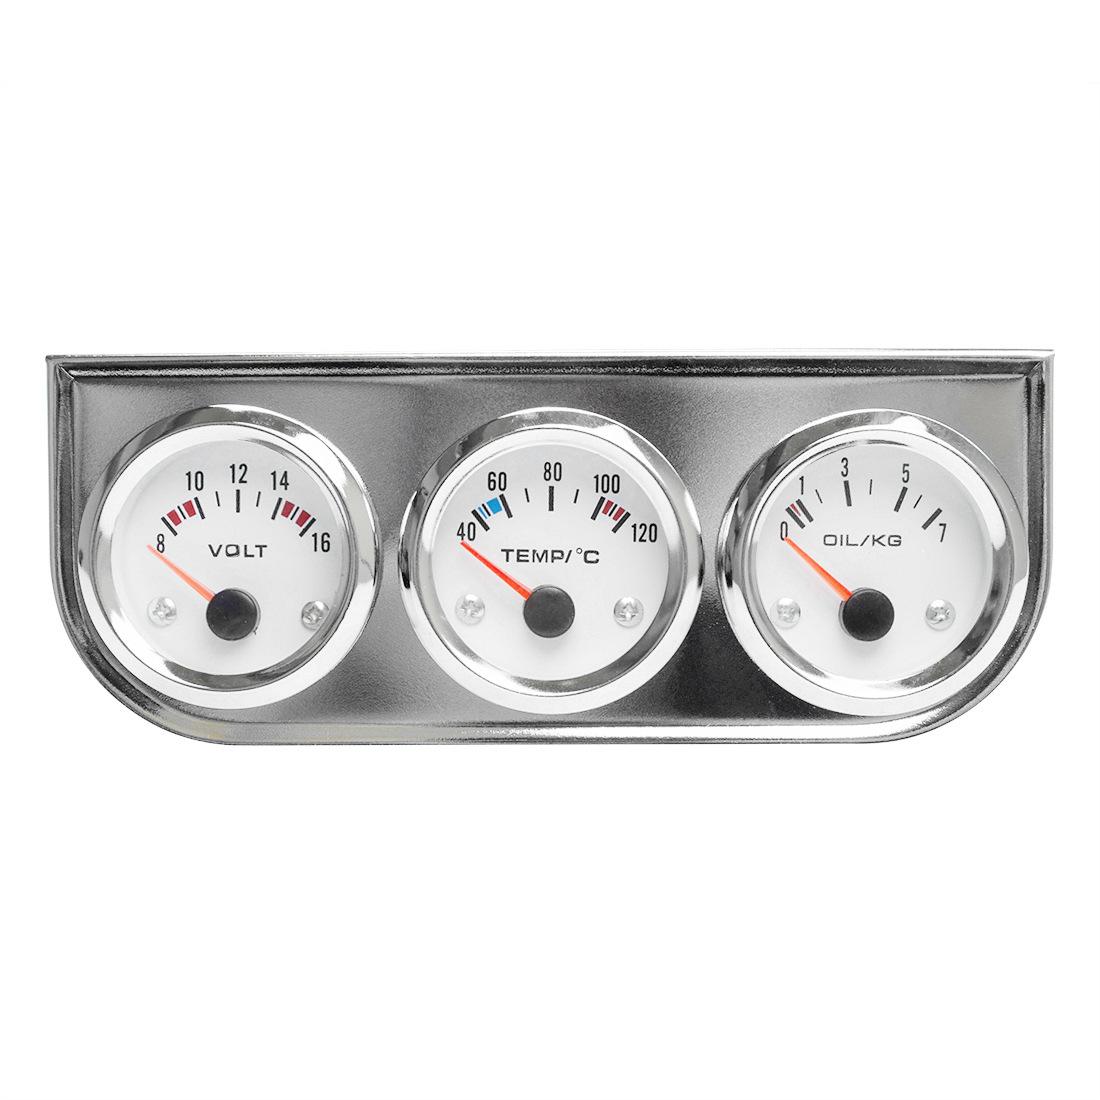 DRAGON GAUGE Đồng hồ dụng cụ cảm biến xe vôn kế 12V